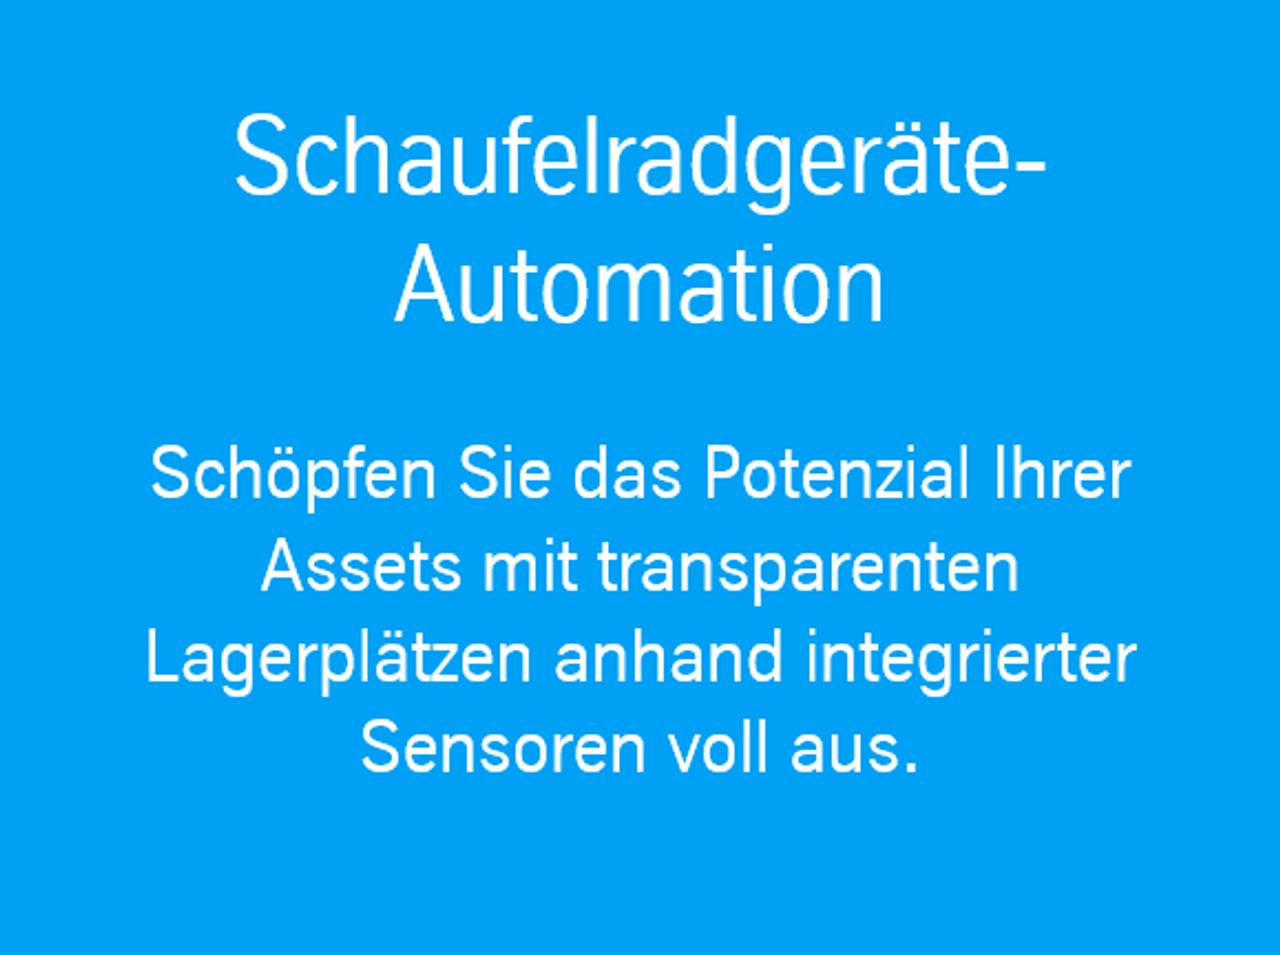 Schaufelradgeräte-Automation I thyssenkrupp